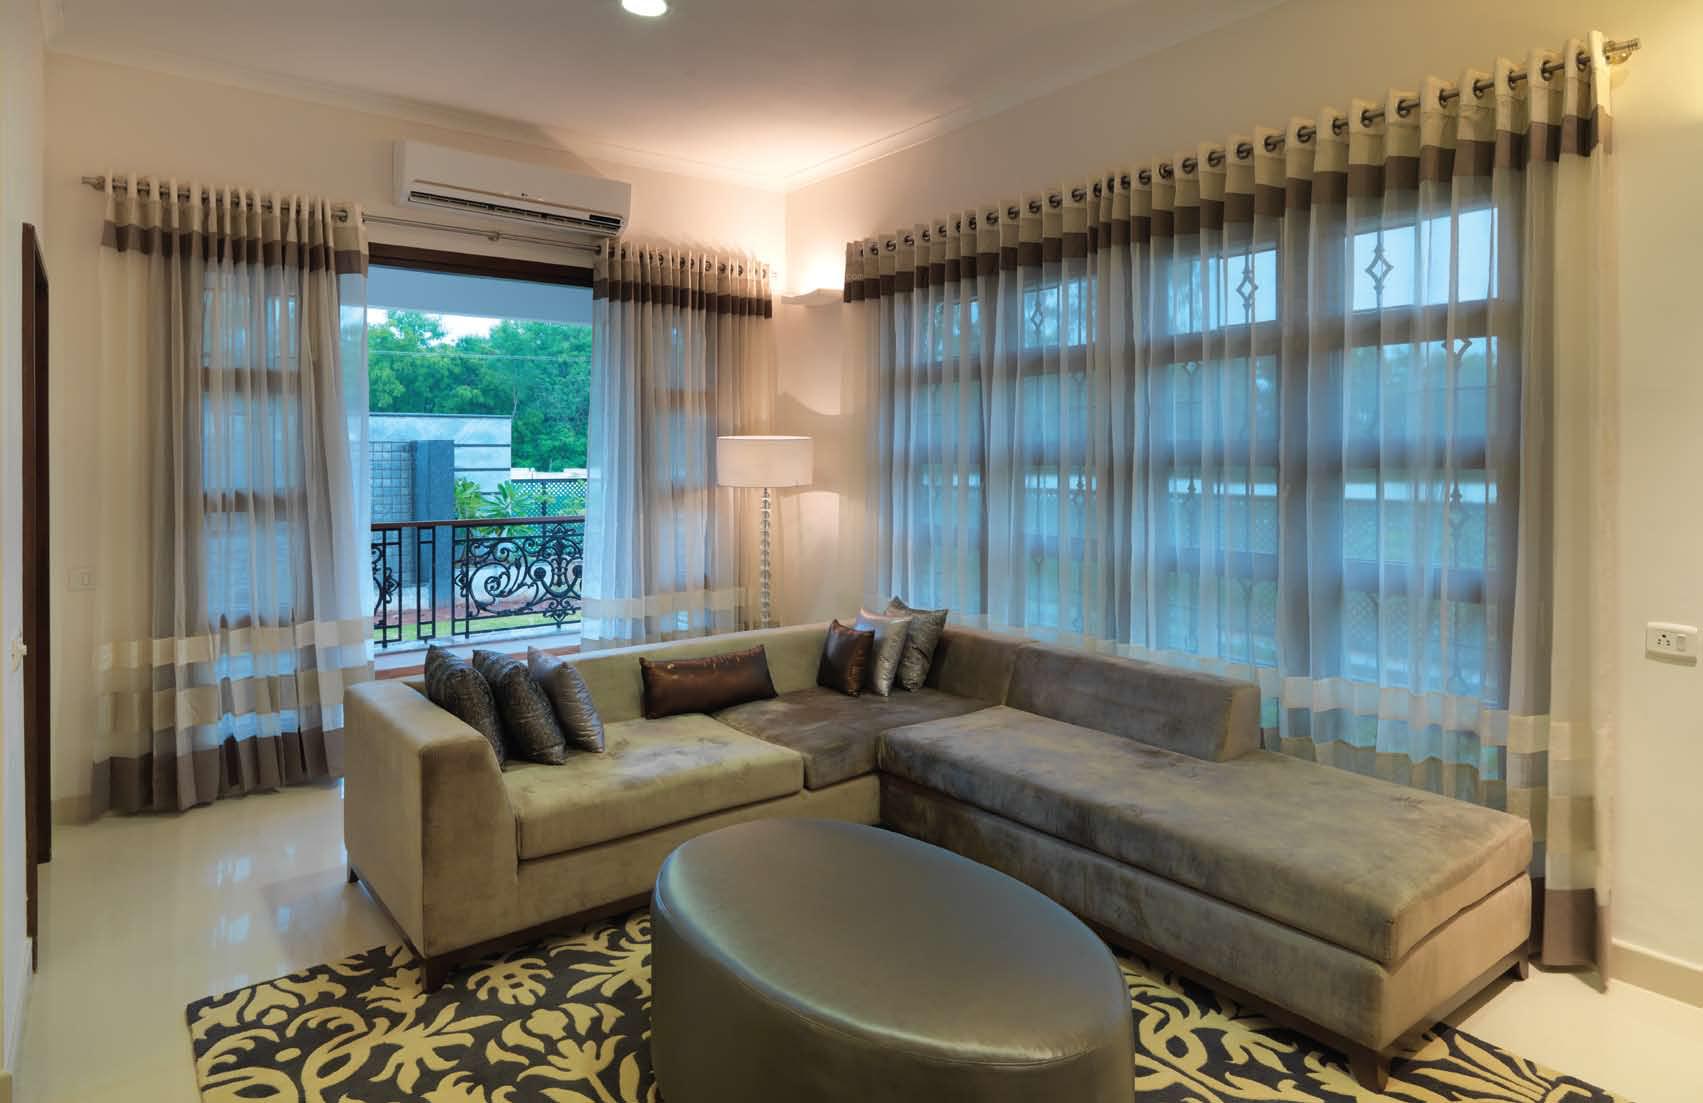 2630 Sq Ft 3 BHK 4T Villa For Sale In Prestige Group Royal Woods Kismatpur Hyderabad